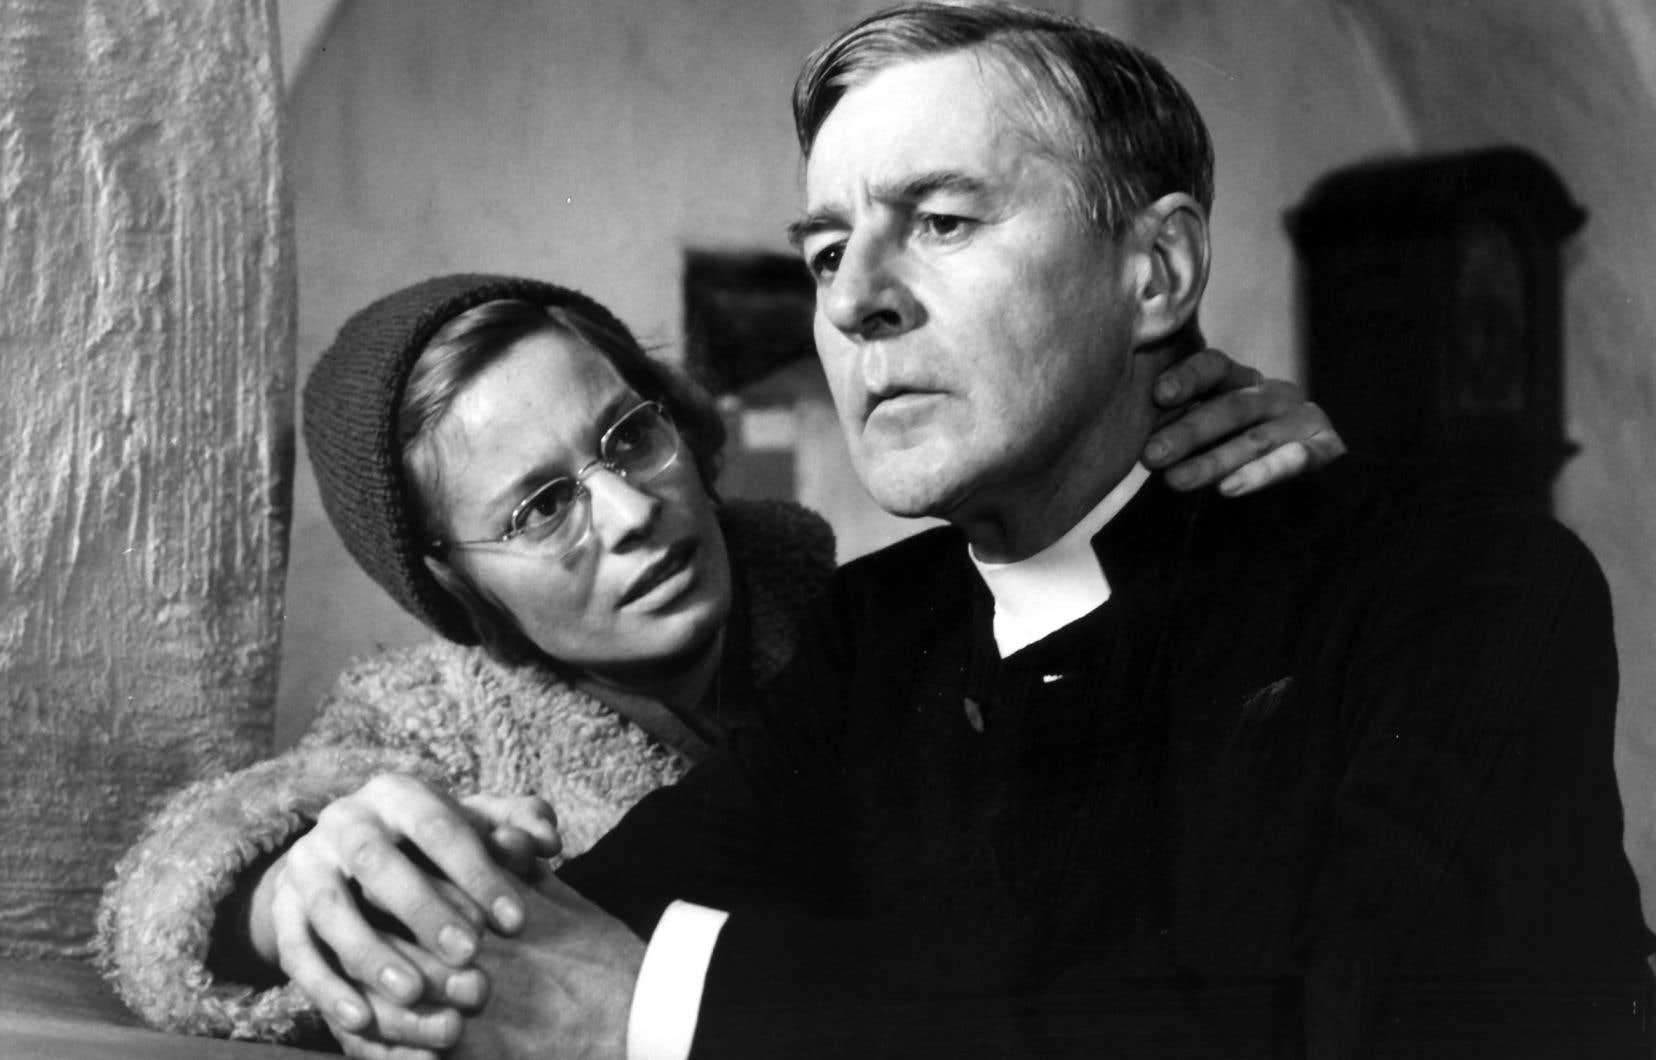 Les acteurs Ingrid Thulin et Gunnar Björnstrand dans le film «Les communiants»